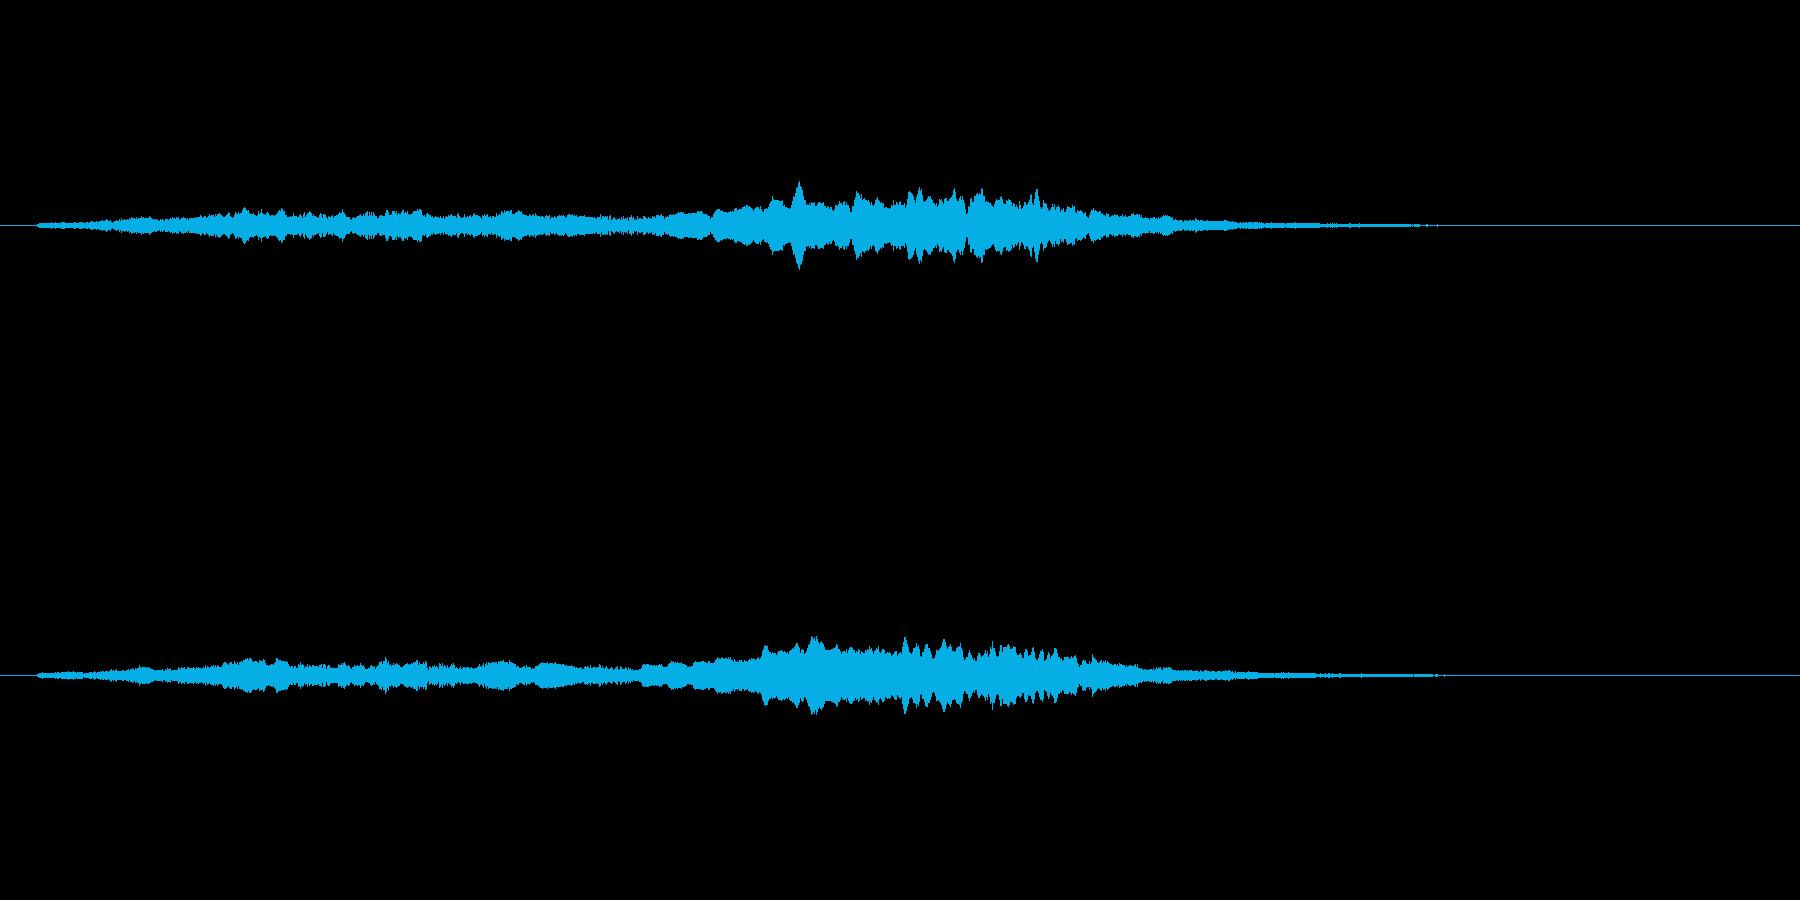 女性コーラスのジングル/アイキャッチの再生済みの波形